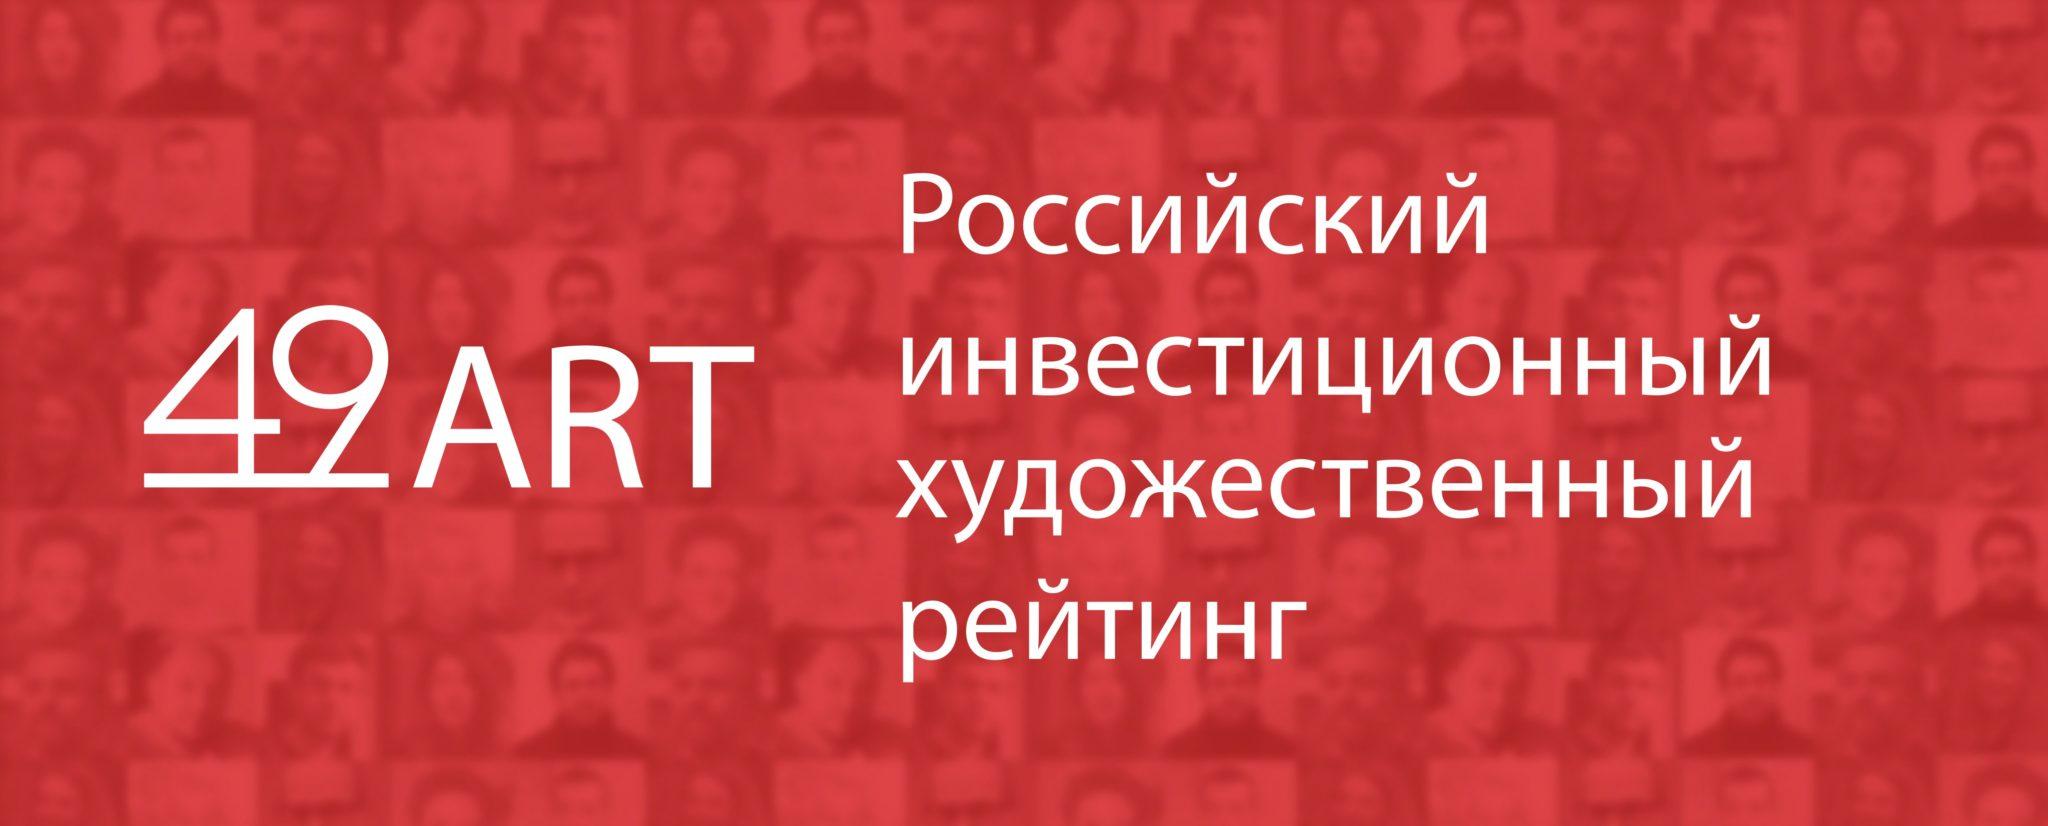 49ART: 37 самых популярных российских молодых художников